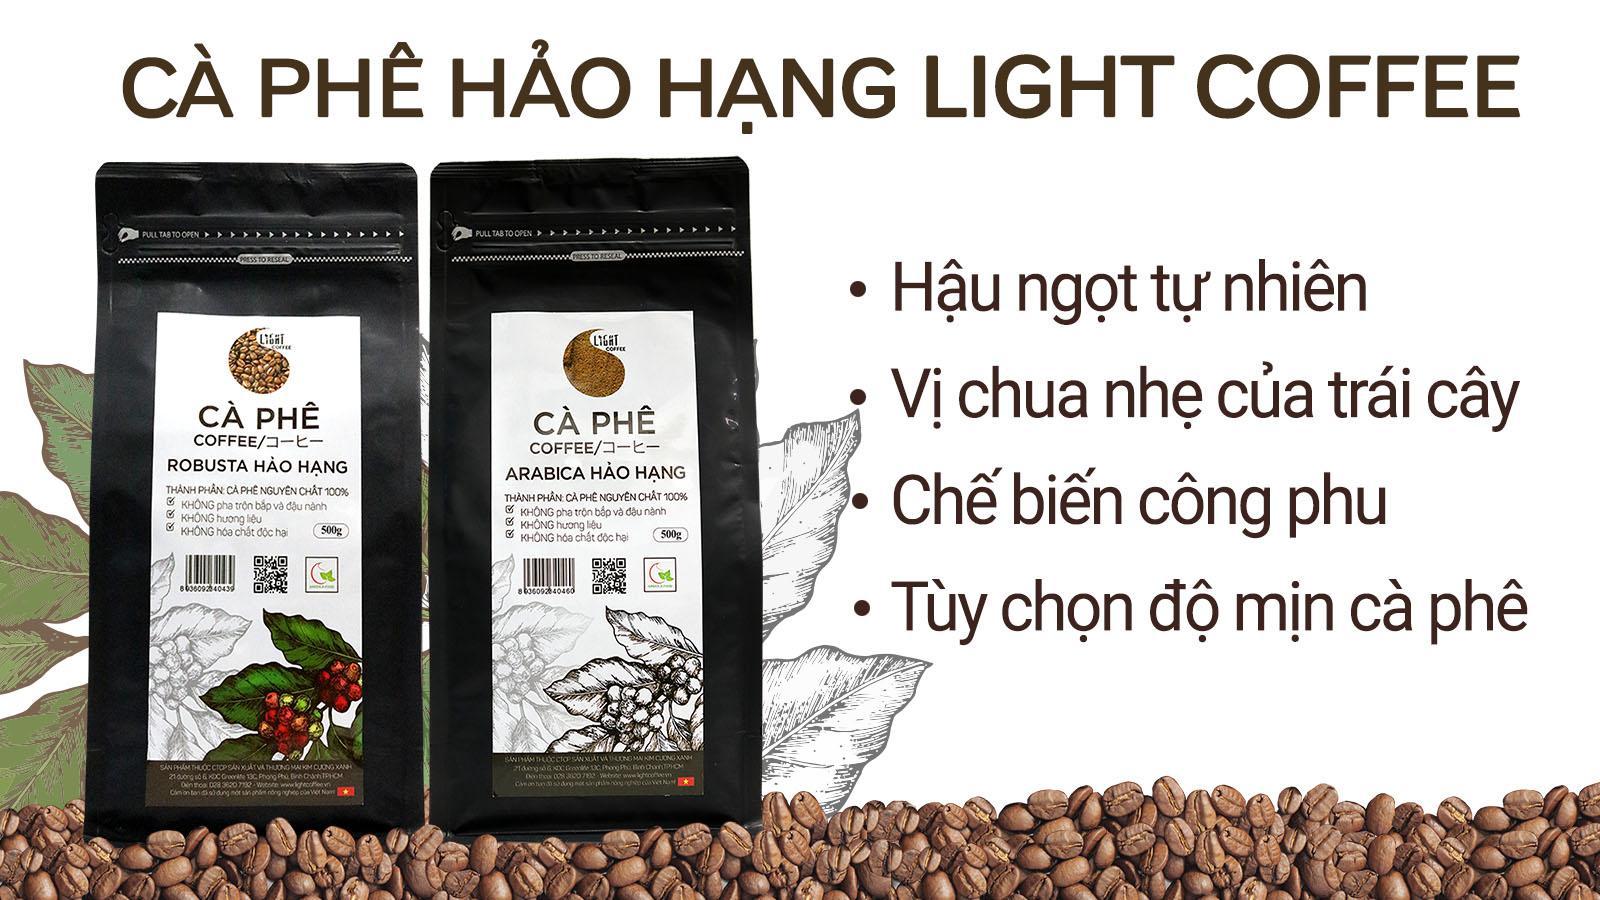 Cà Phê Hạt Nguyên Chất 100% Robusta Hảo Hạng Light Coffee RHH-500 (500g)